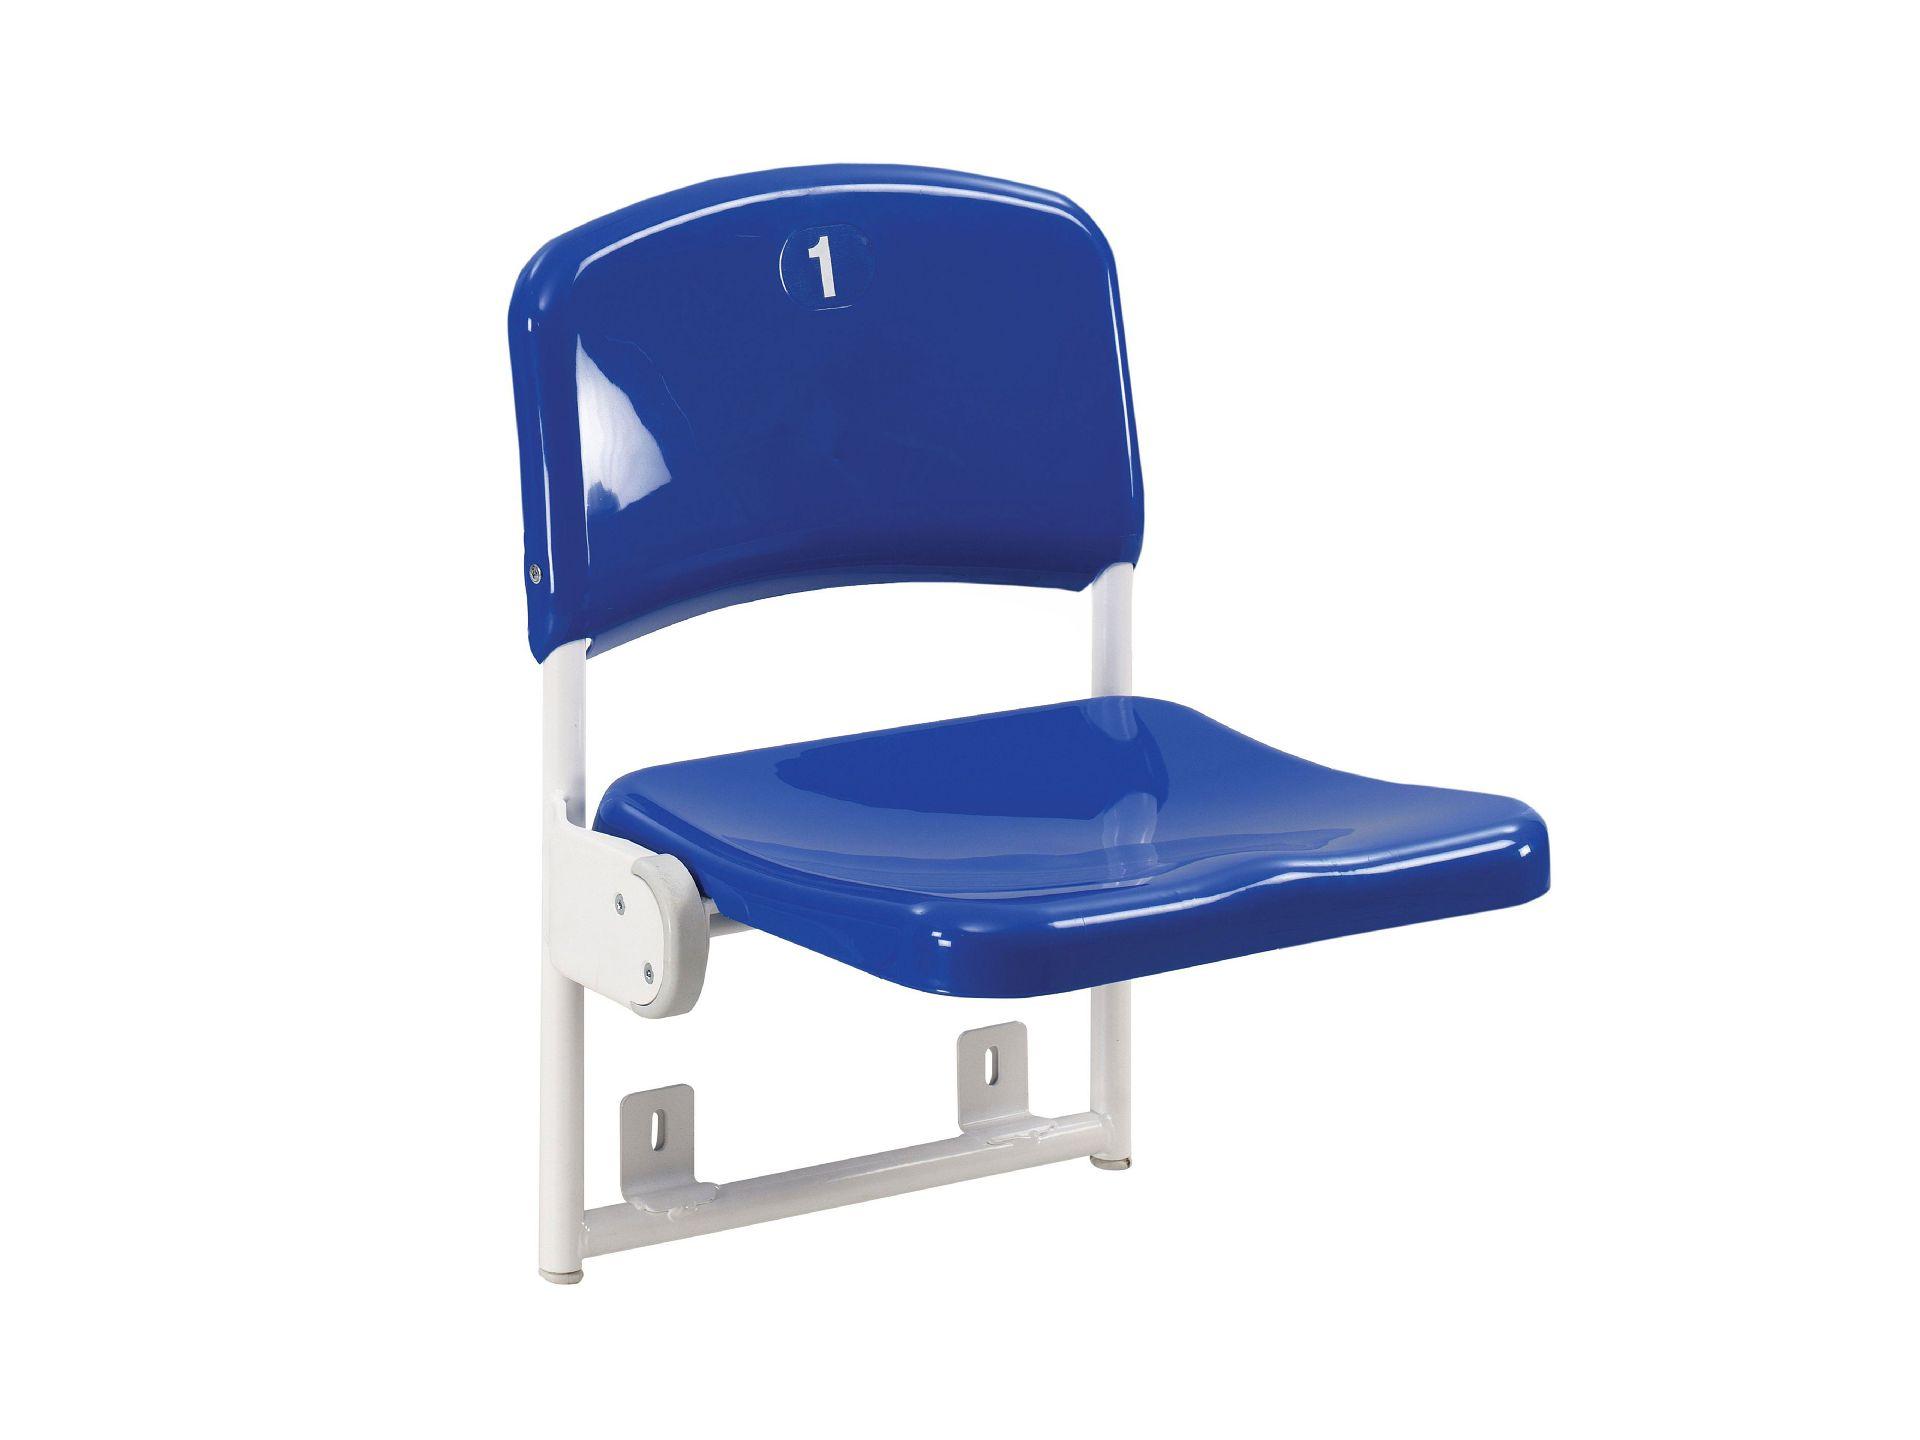 DELTA TipUp Stadium Chair From Manufacturer Turkey